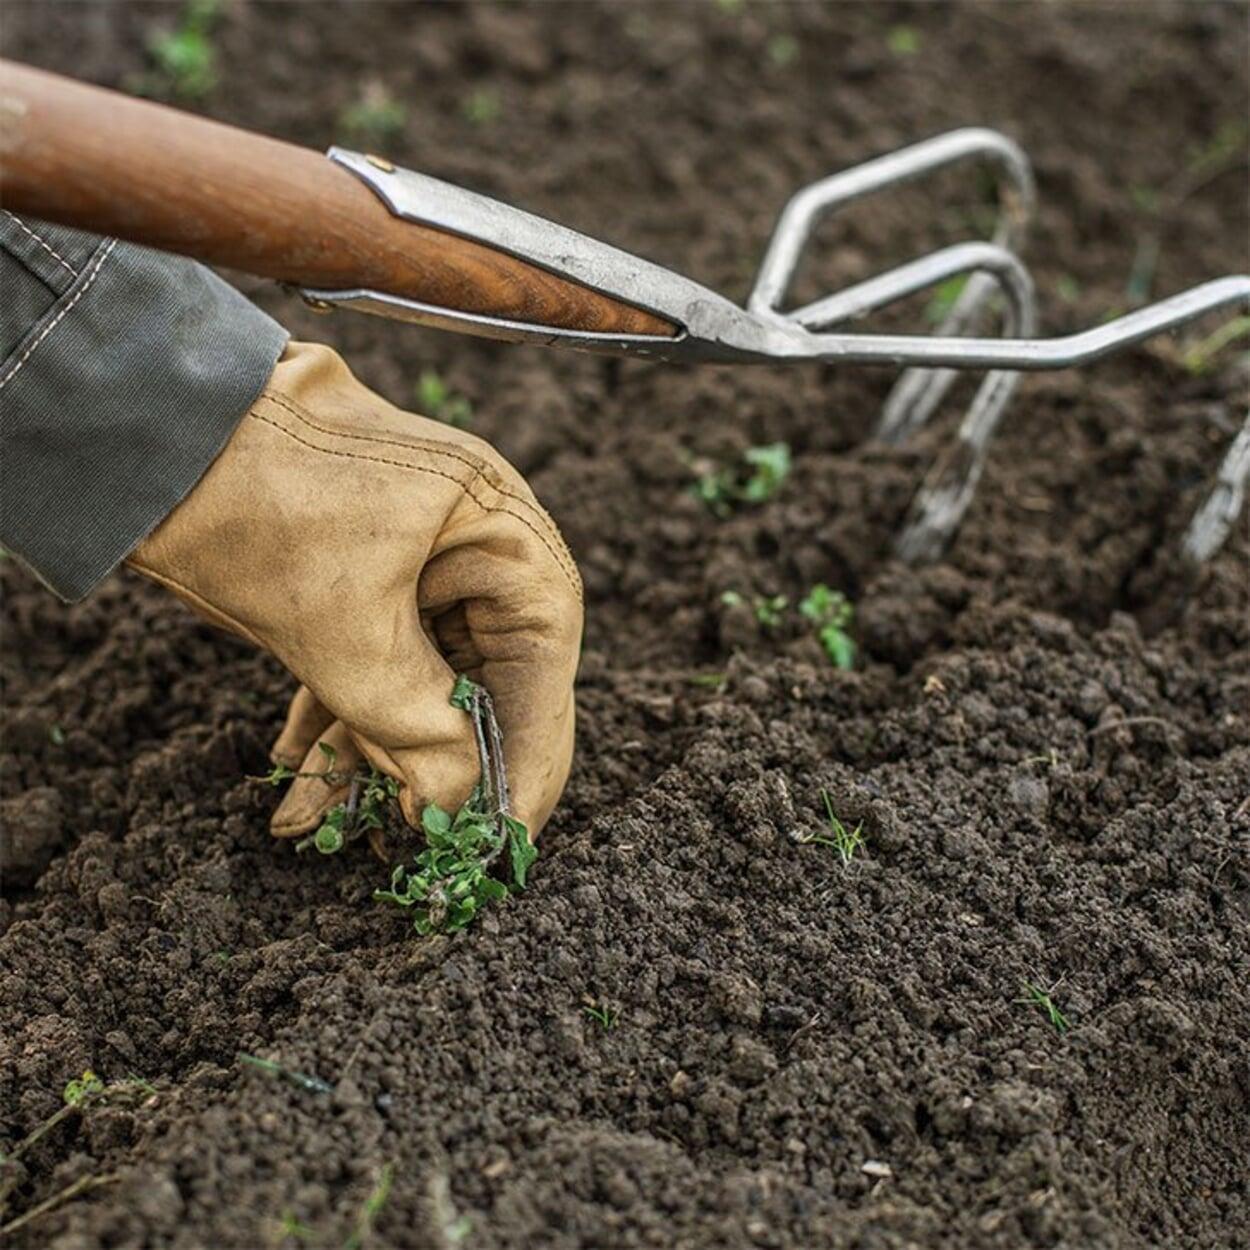 Vor der Aussaat den Boden lockern, Unkraut und Steine entfernen